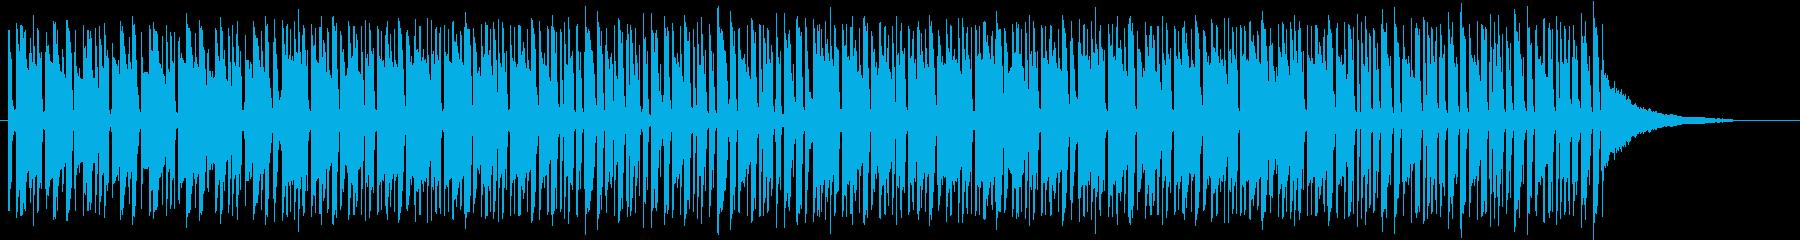 ほのぼの ボサノバ ラテン オープニングの再生済みの波形